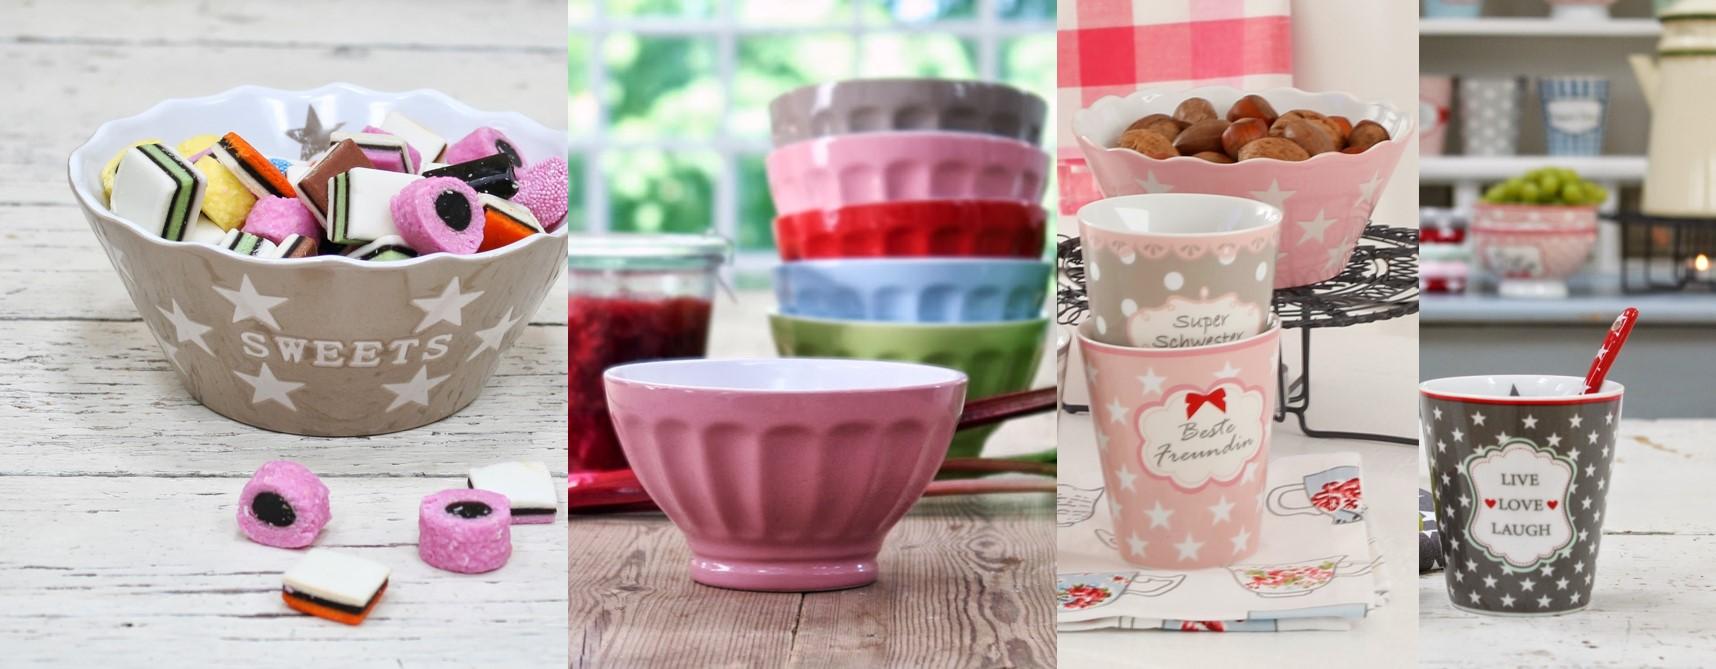 Geschirr, Mugs, Porzellan trendy und pudrigen Farben!